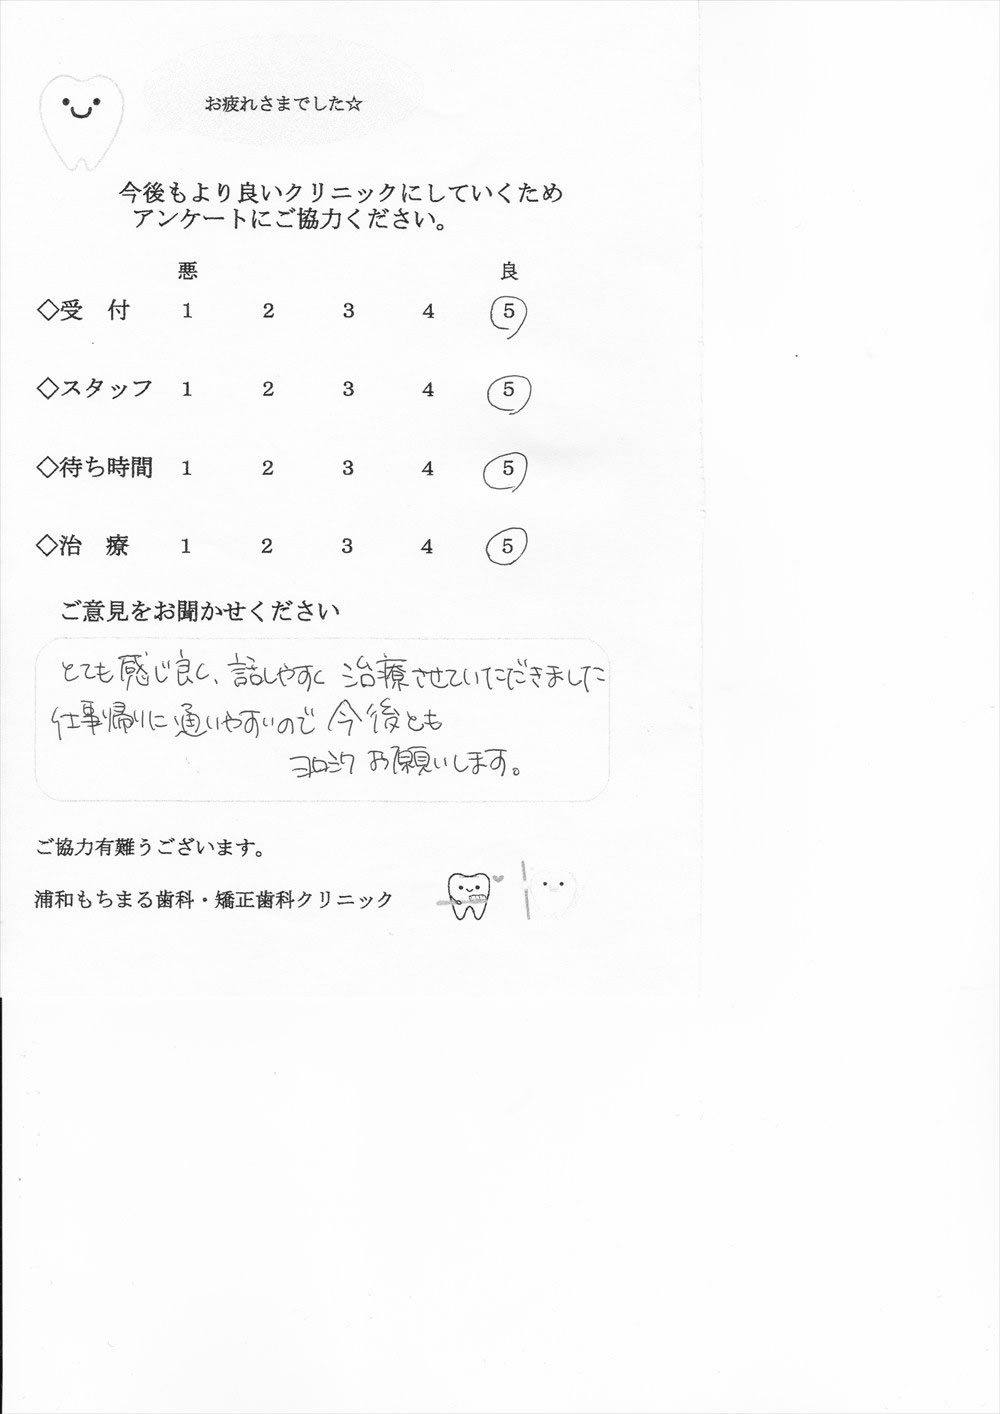 浦和もちまる歯科・矯正歯科の口コミ・評判アンケート18